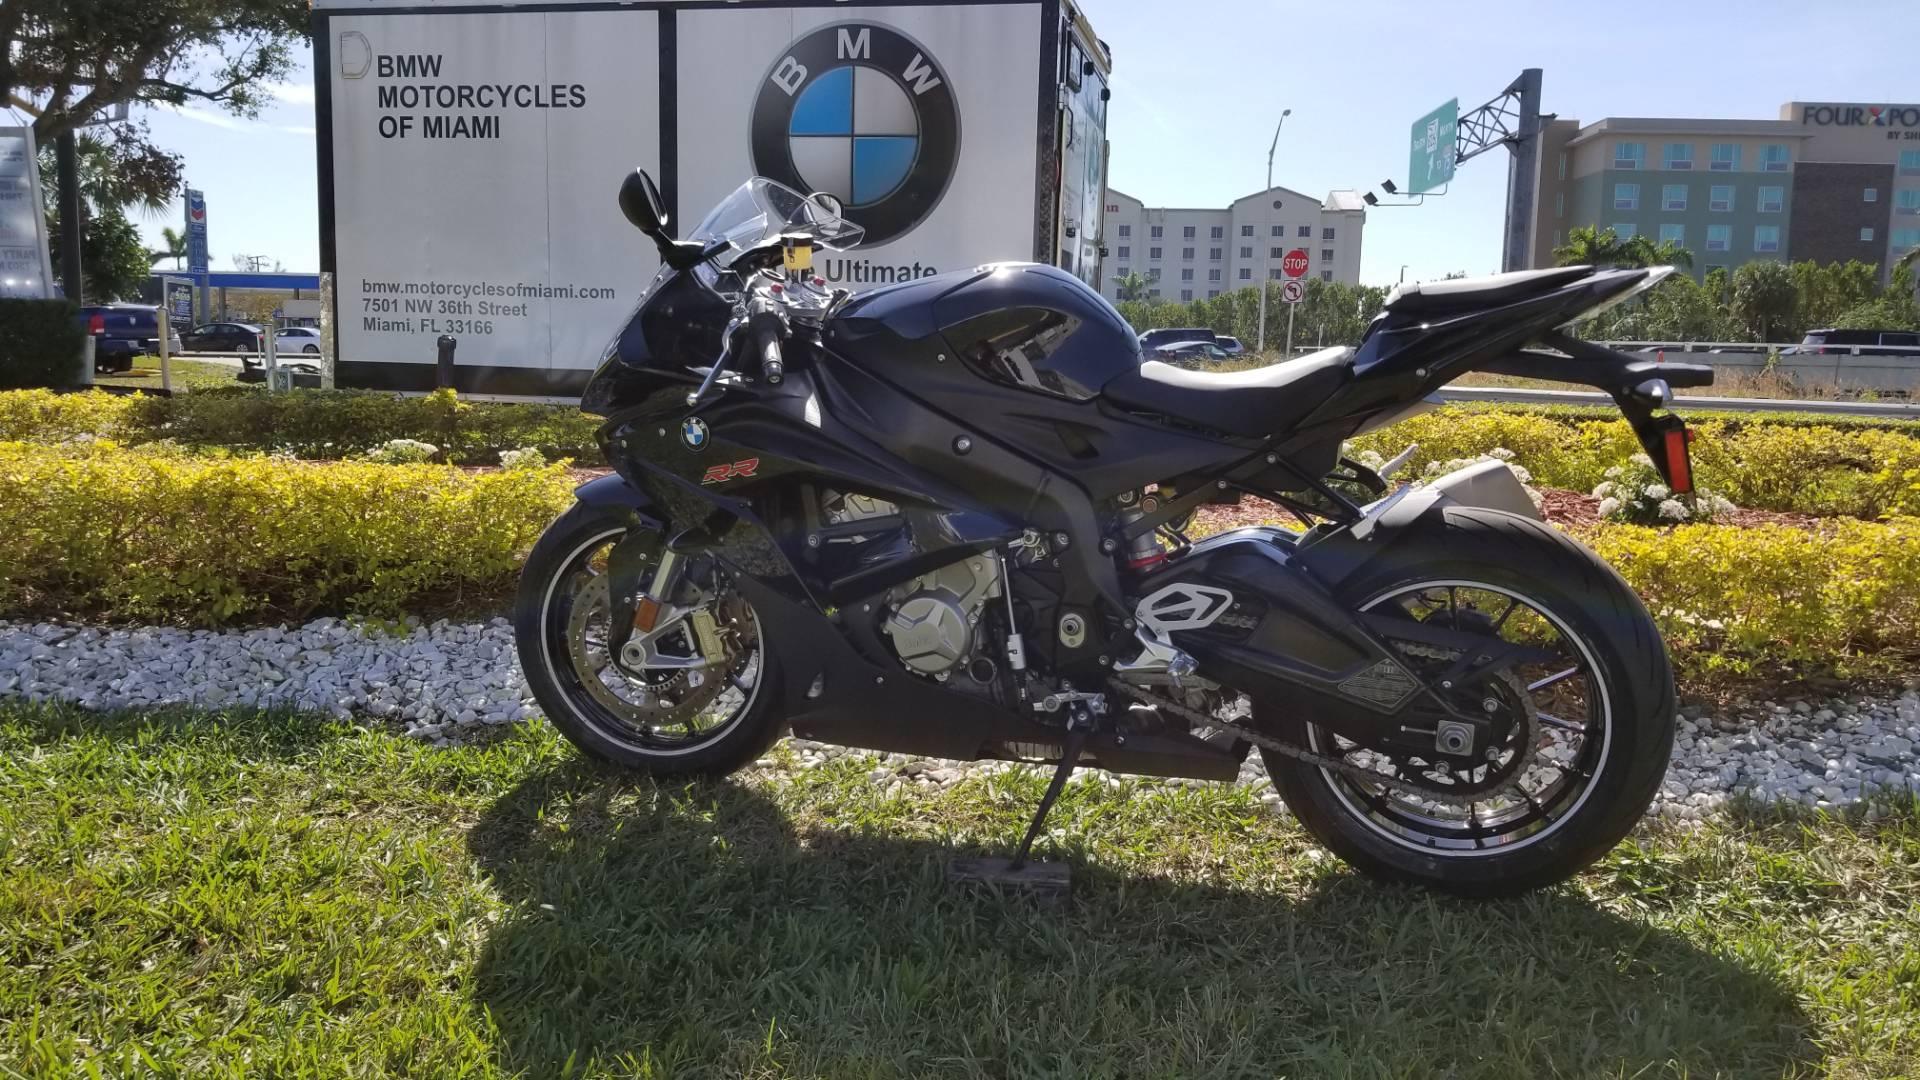 2016 S 1000 RR